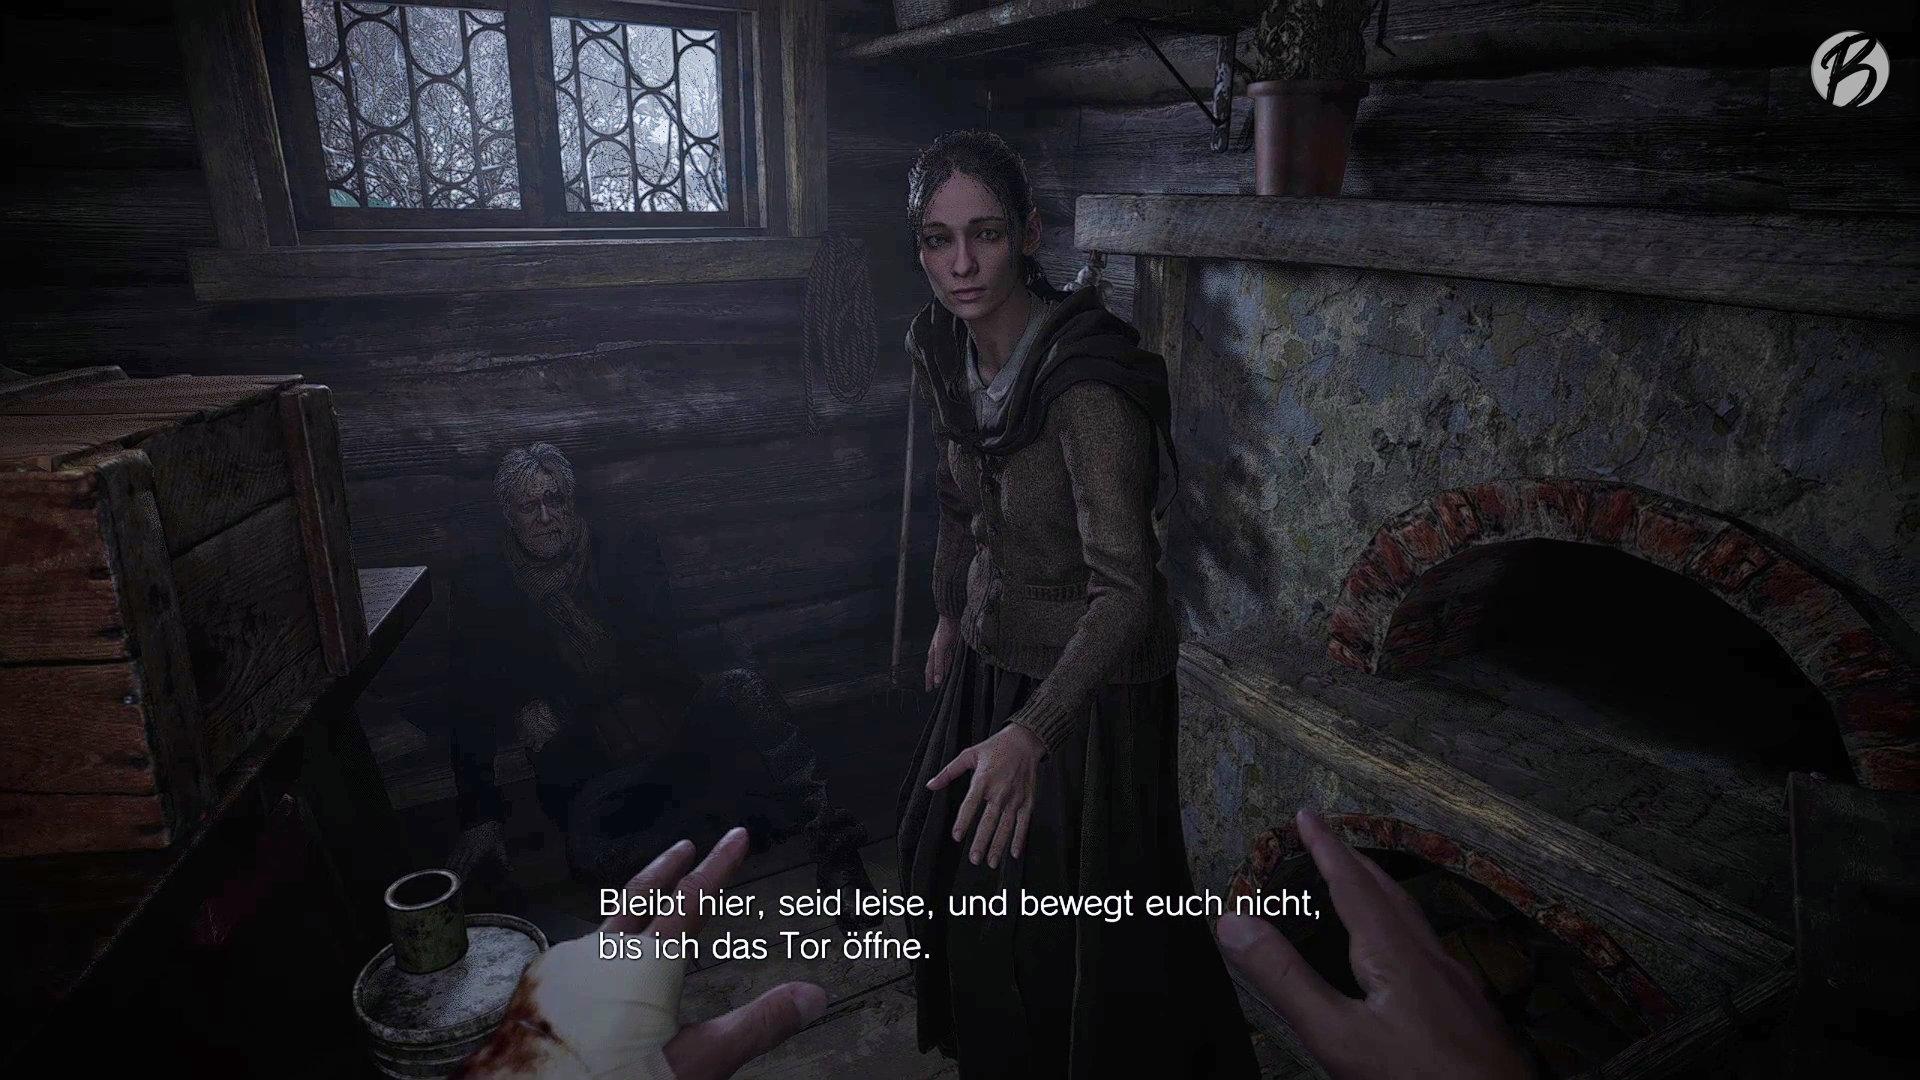 Resident Evil Village - Zufall? Nach einem Biss bleiben Ethan nur noch acht Finger übrig, das passt wie die Faust aufs Auge zu Resident Evil 8.